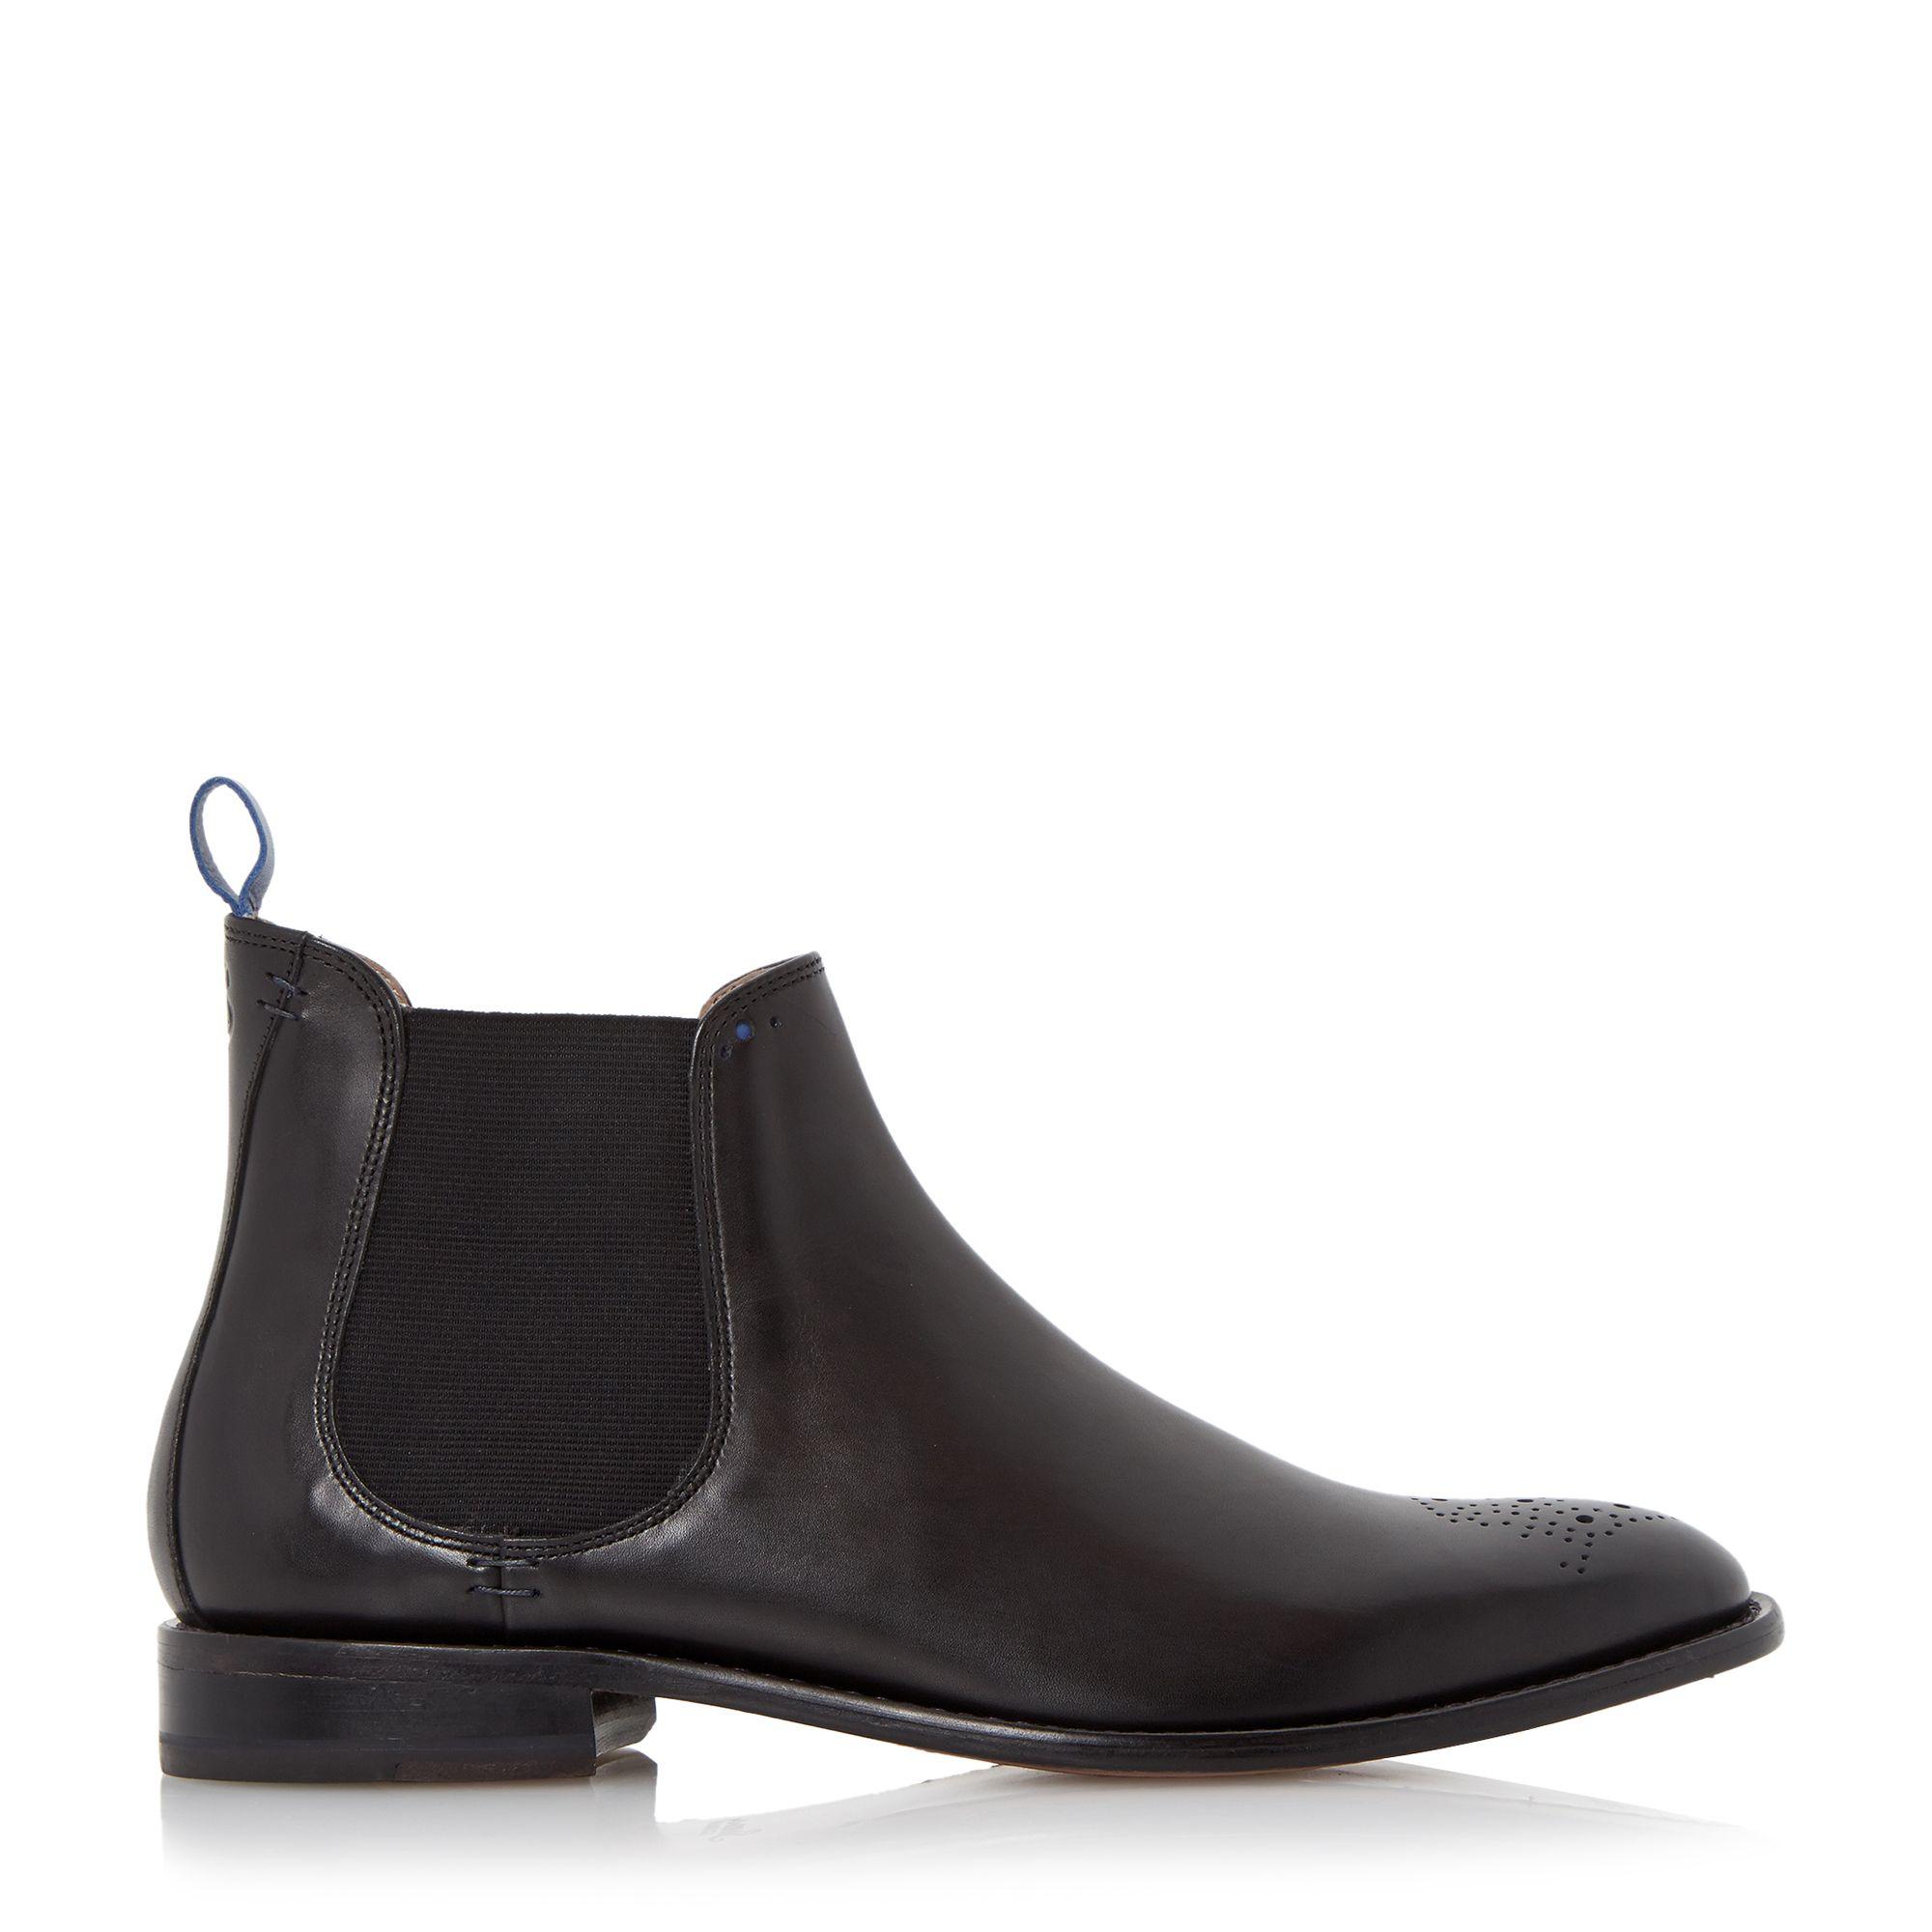 oliver sweeney black silsden brogue toe chelsea boots for men lyst. Black Bedroom Furniture Sets. Home Design Ideas